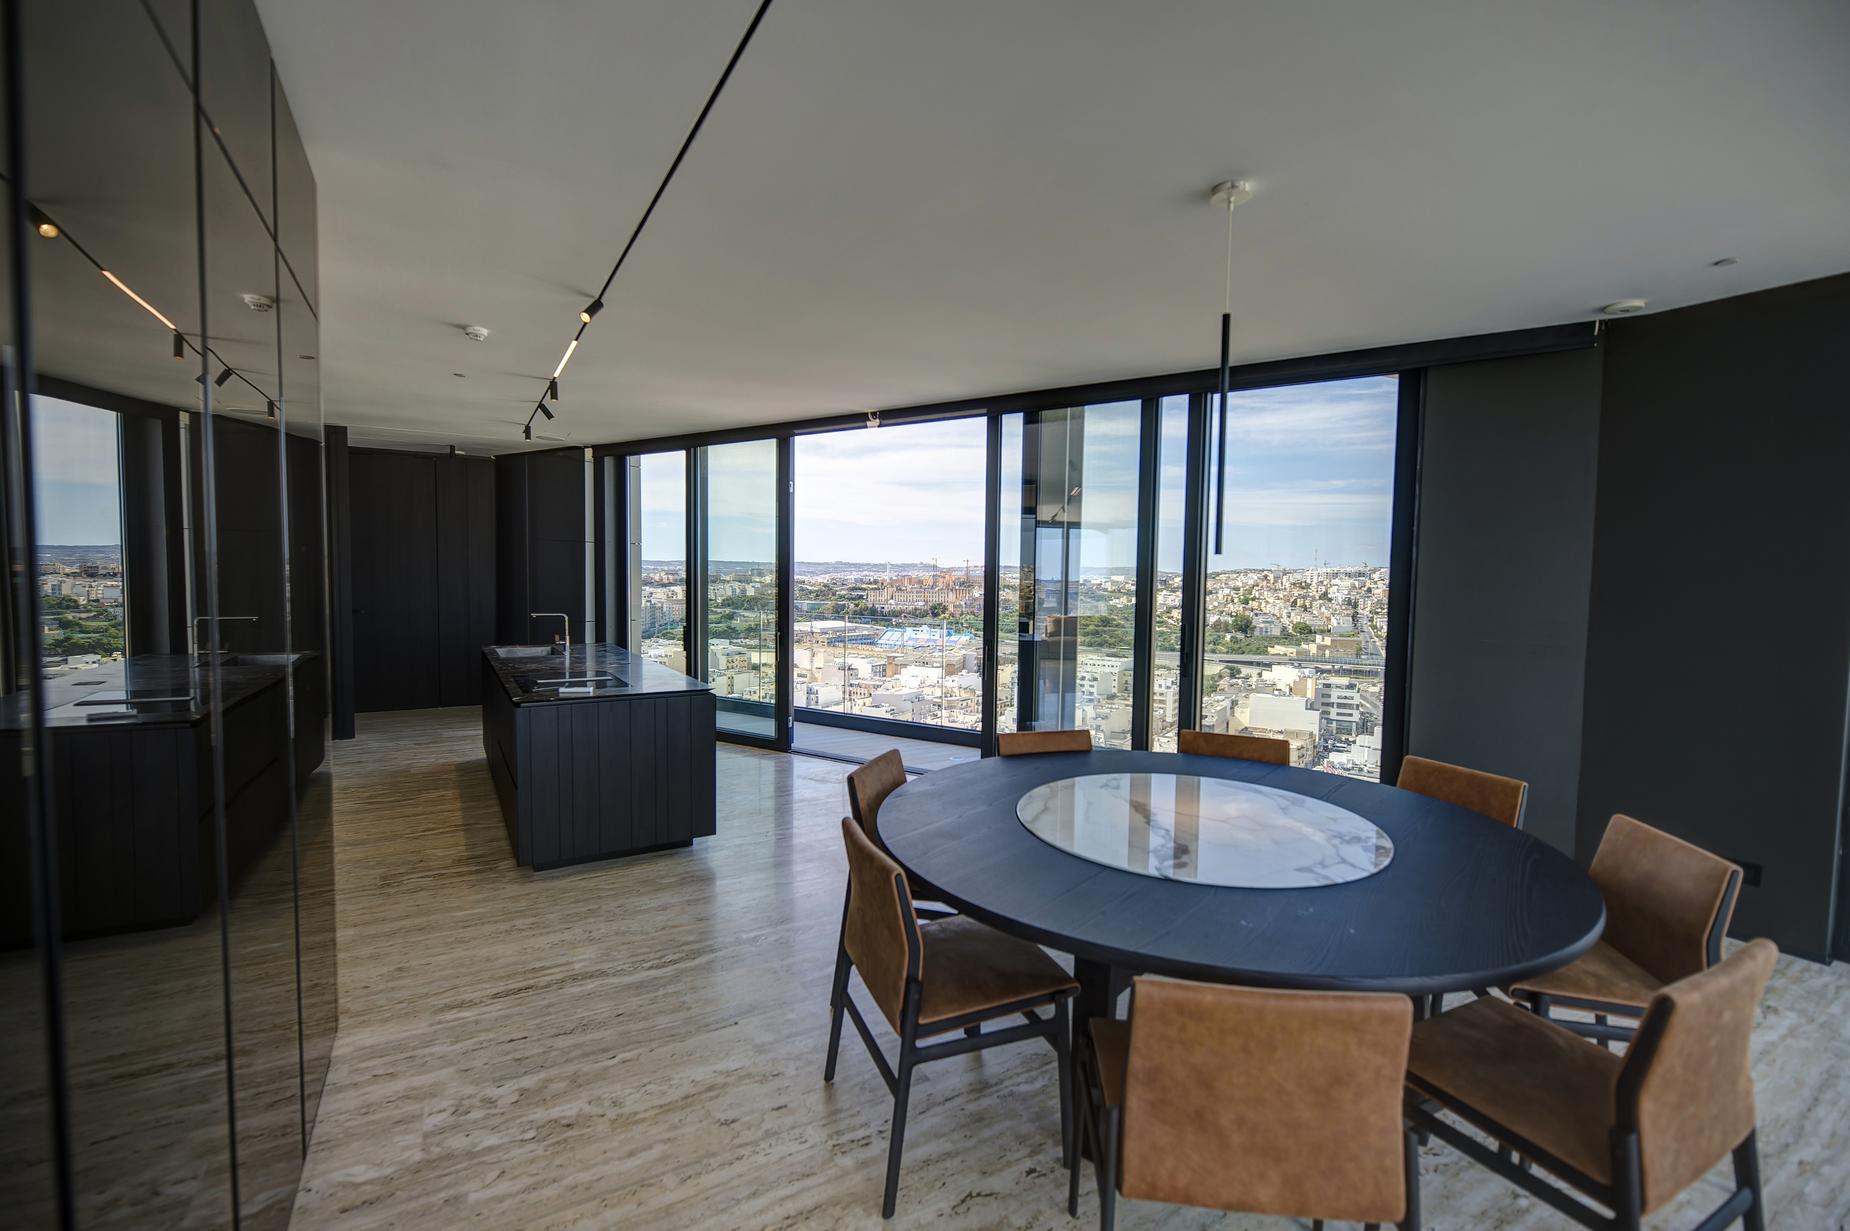 3 bed Apartment For Sale in Gzira, Gzira - thumb 10